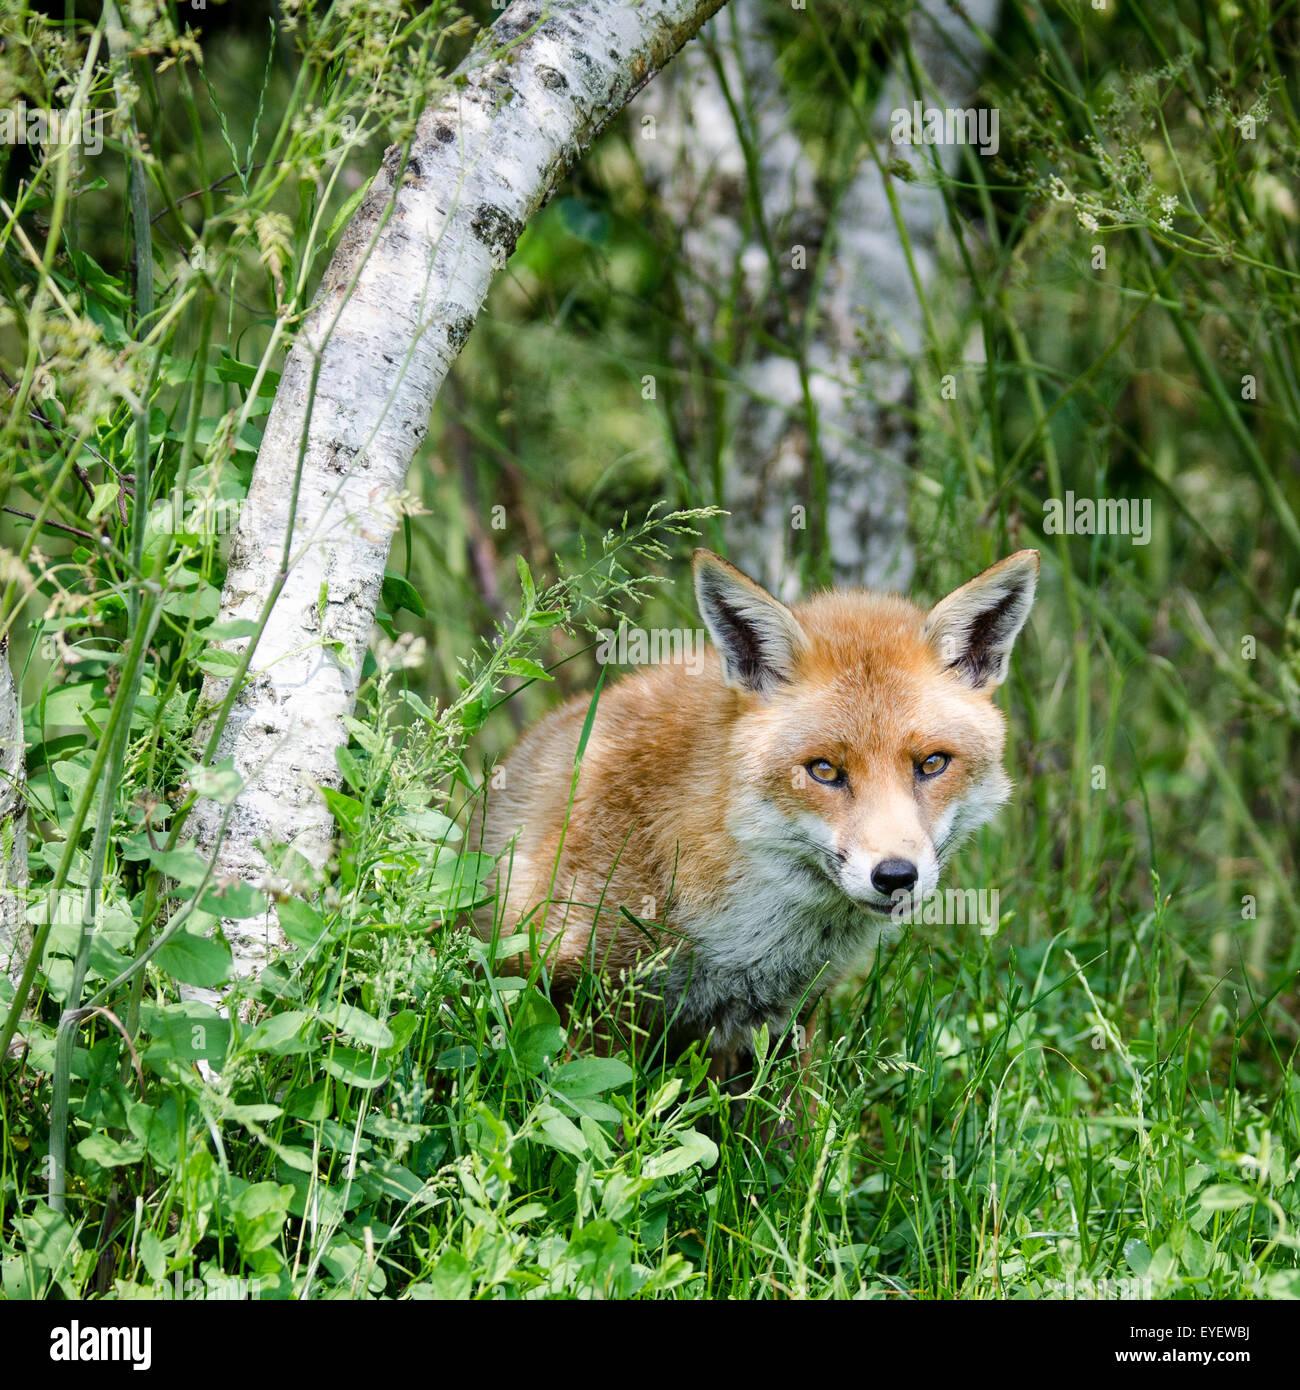 Unión el zorro (Vulpes vulpes) sentados en el campo, en el Reino Unido. Imagen De Stock